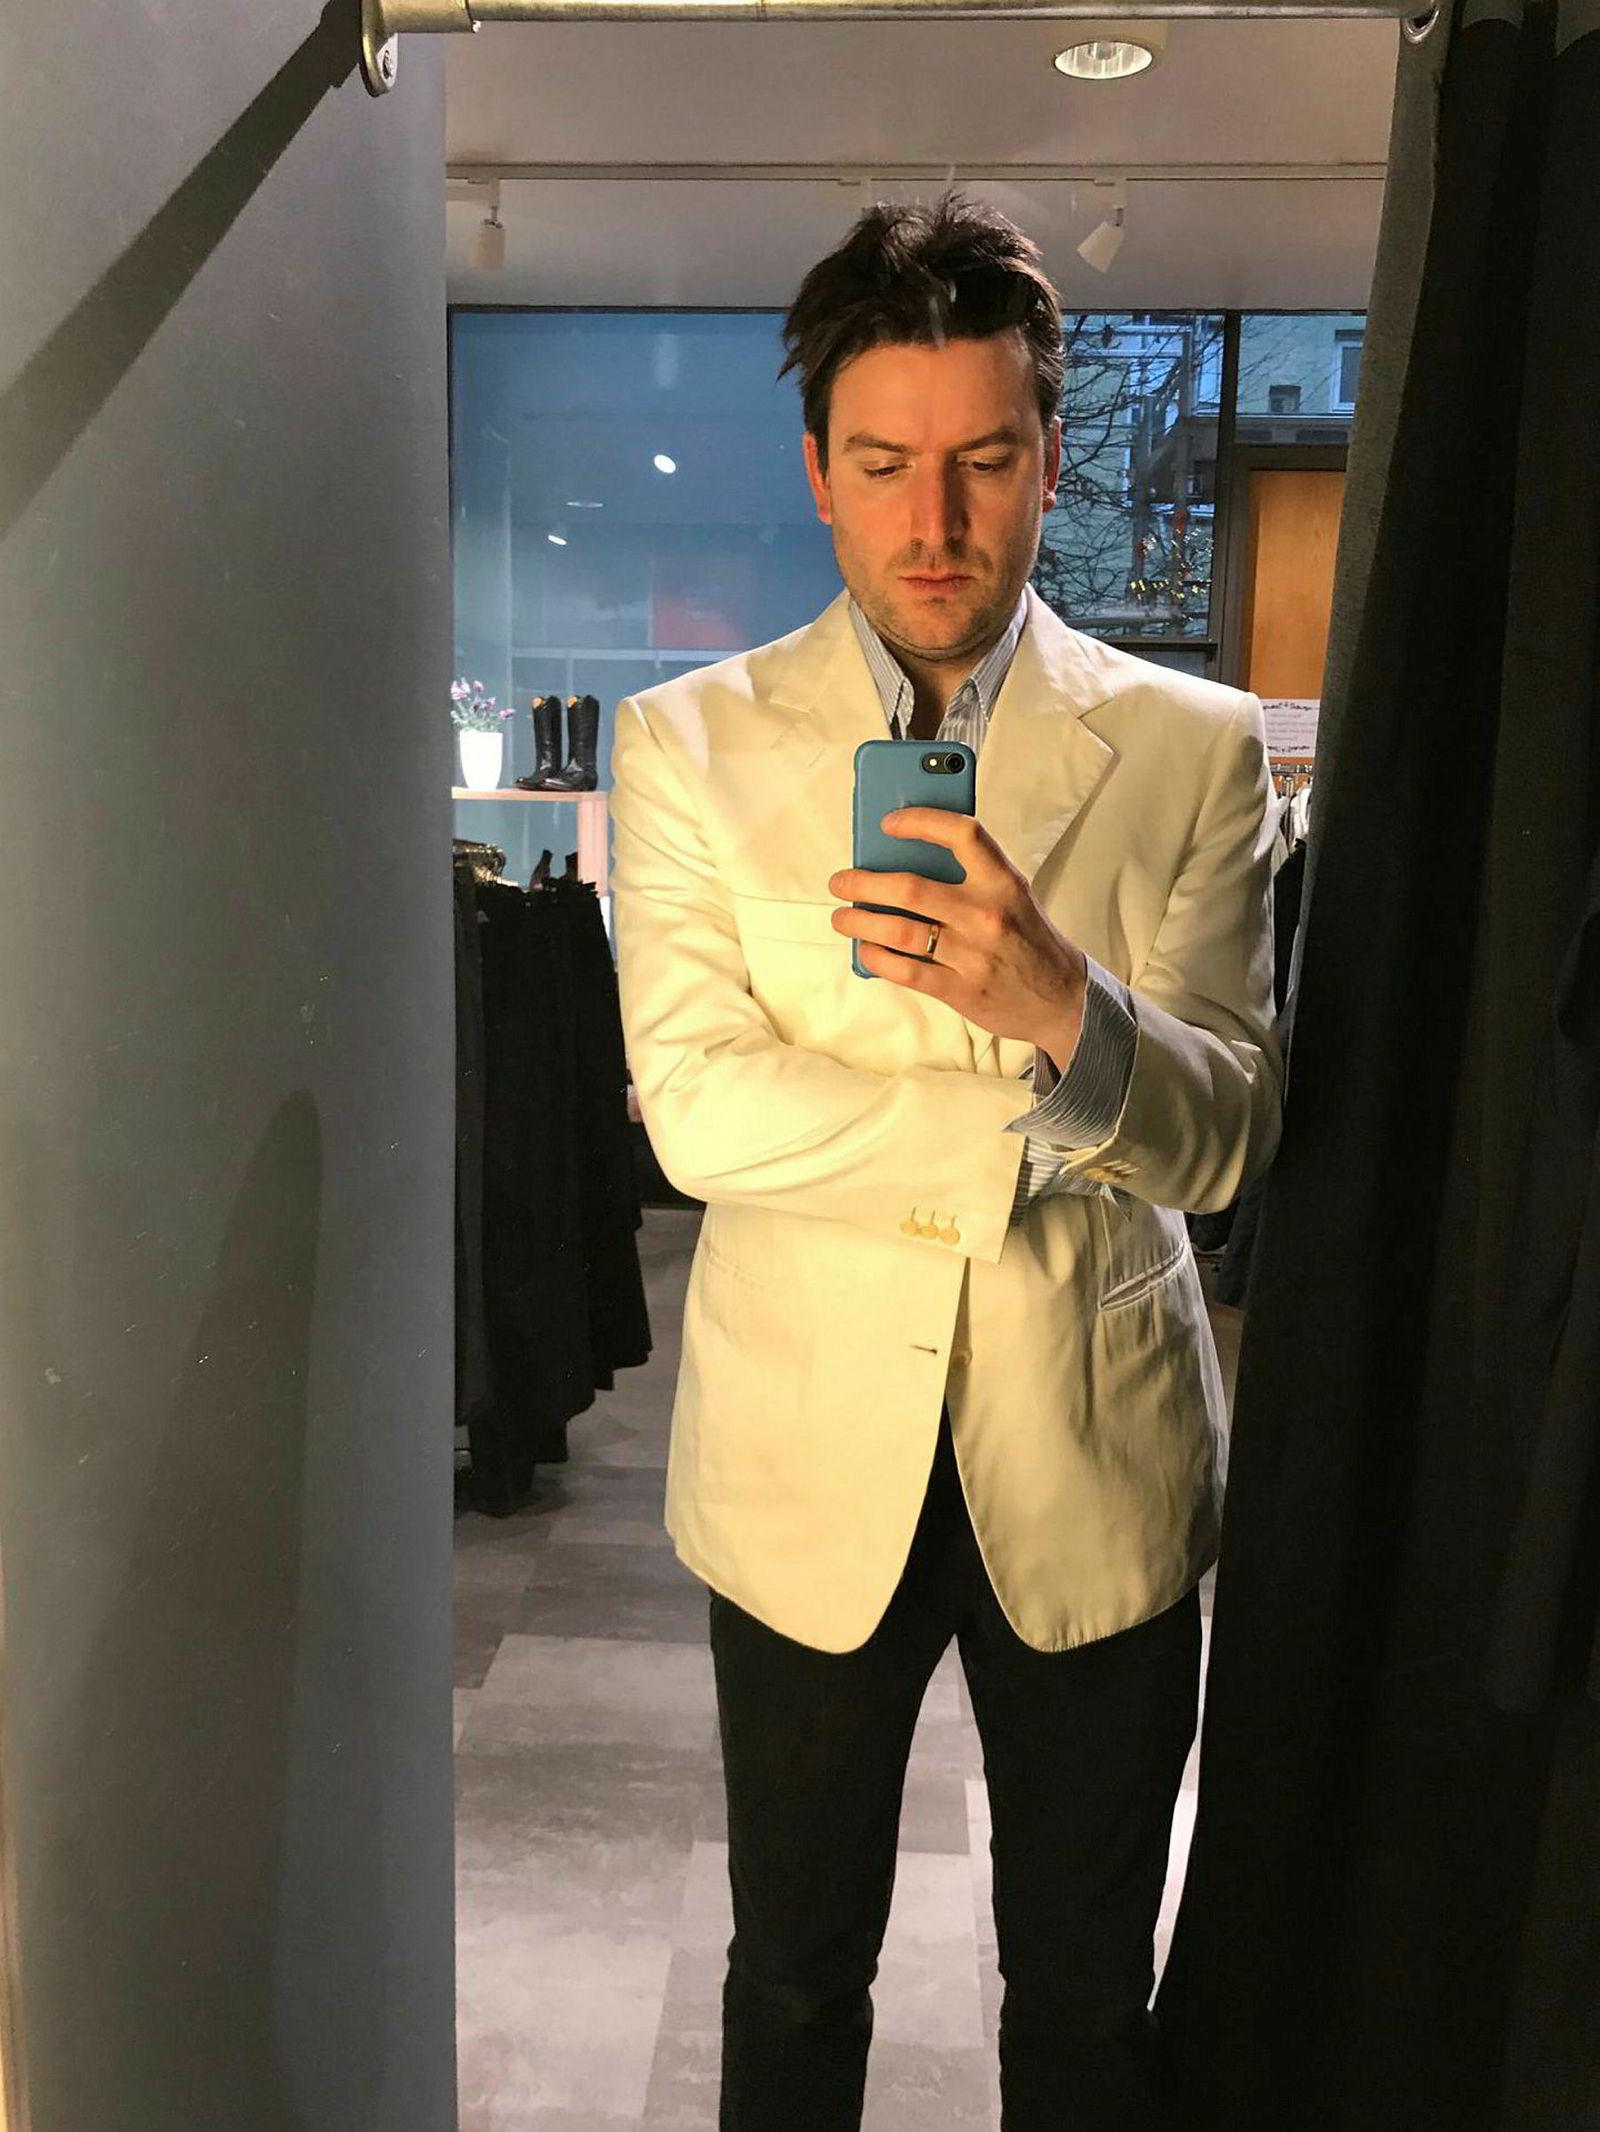 Nå er DN-journalist Anders Kemp den stolte eier av Røkkes gamle Brioni-dressjakke, i tillegg til en jakke med Petter Stordalens navn fra en ukjent skredder.